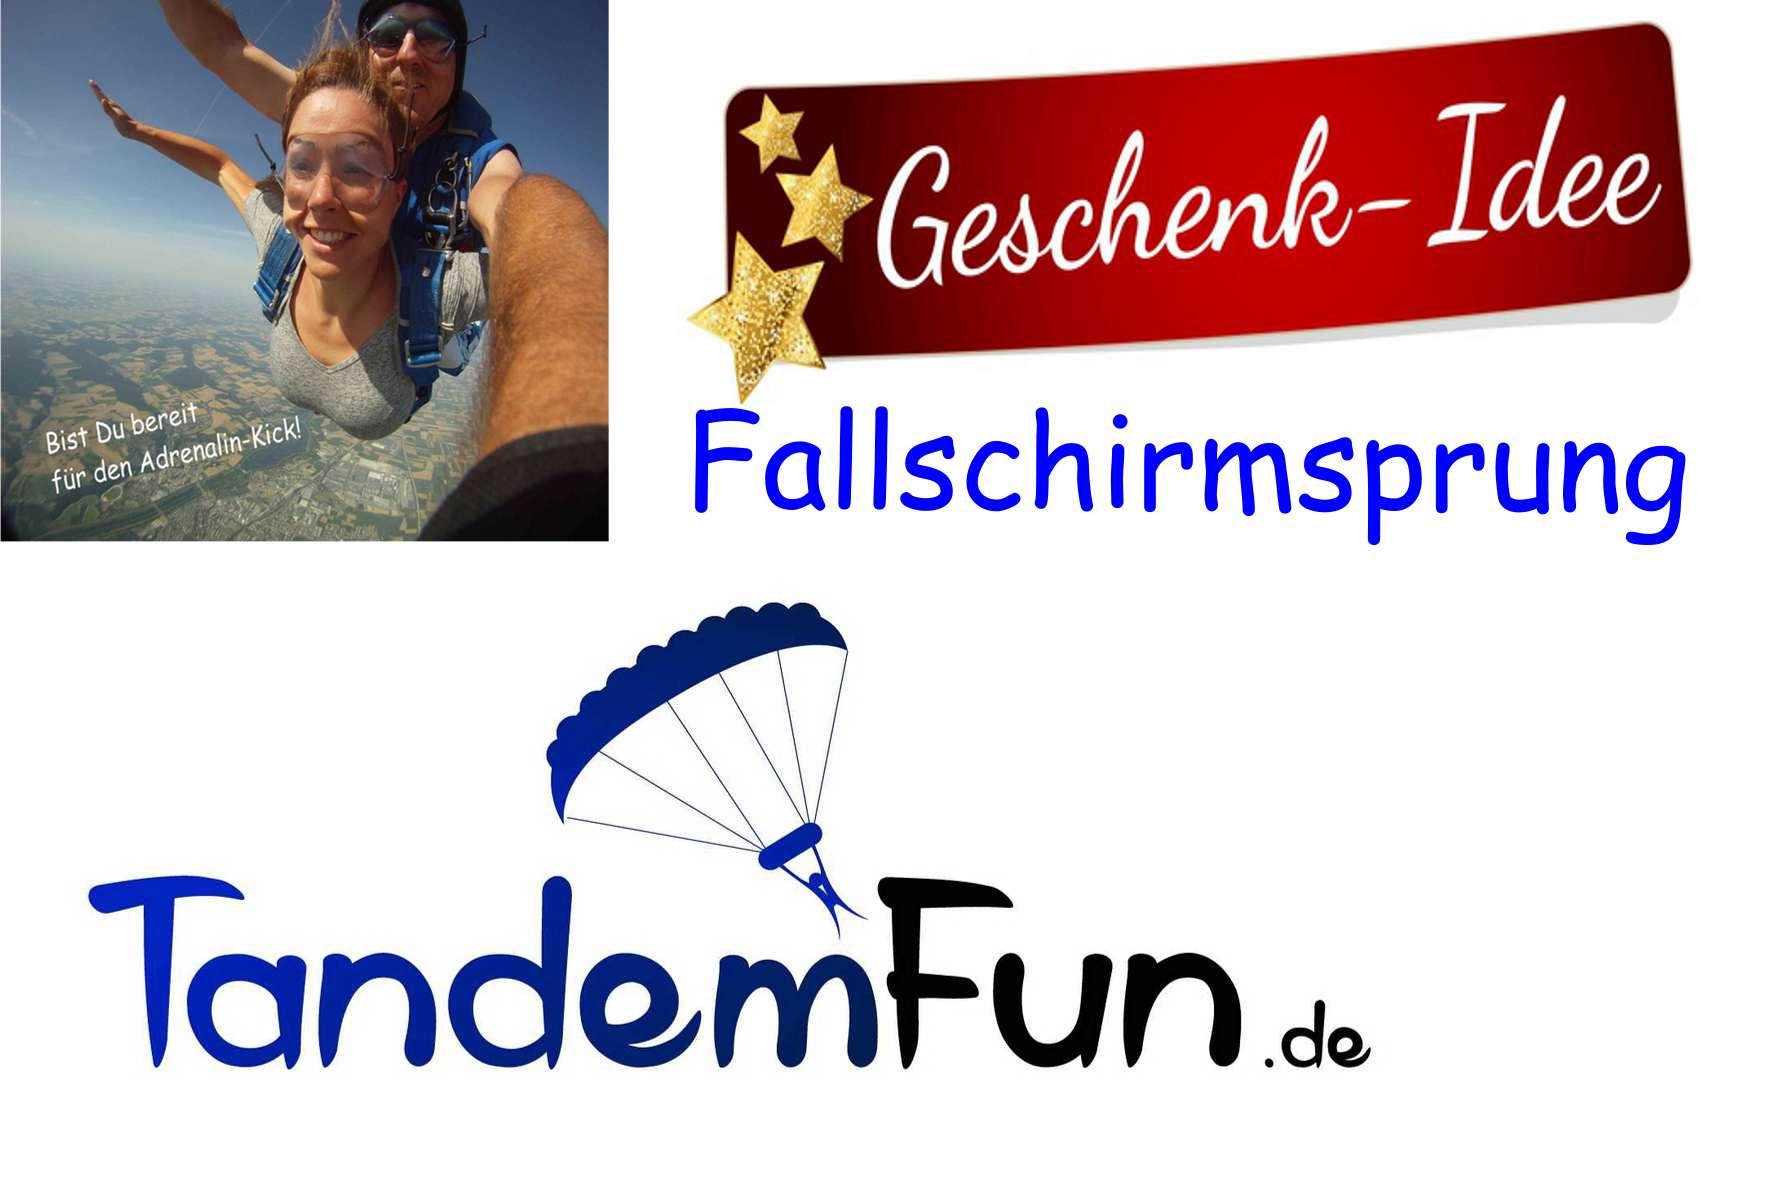 Fallschirmsprung-Gutschein-Rothenburg-ob-der-Tauber